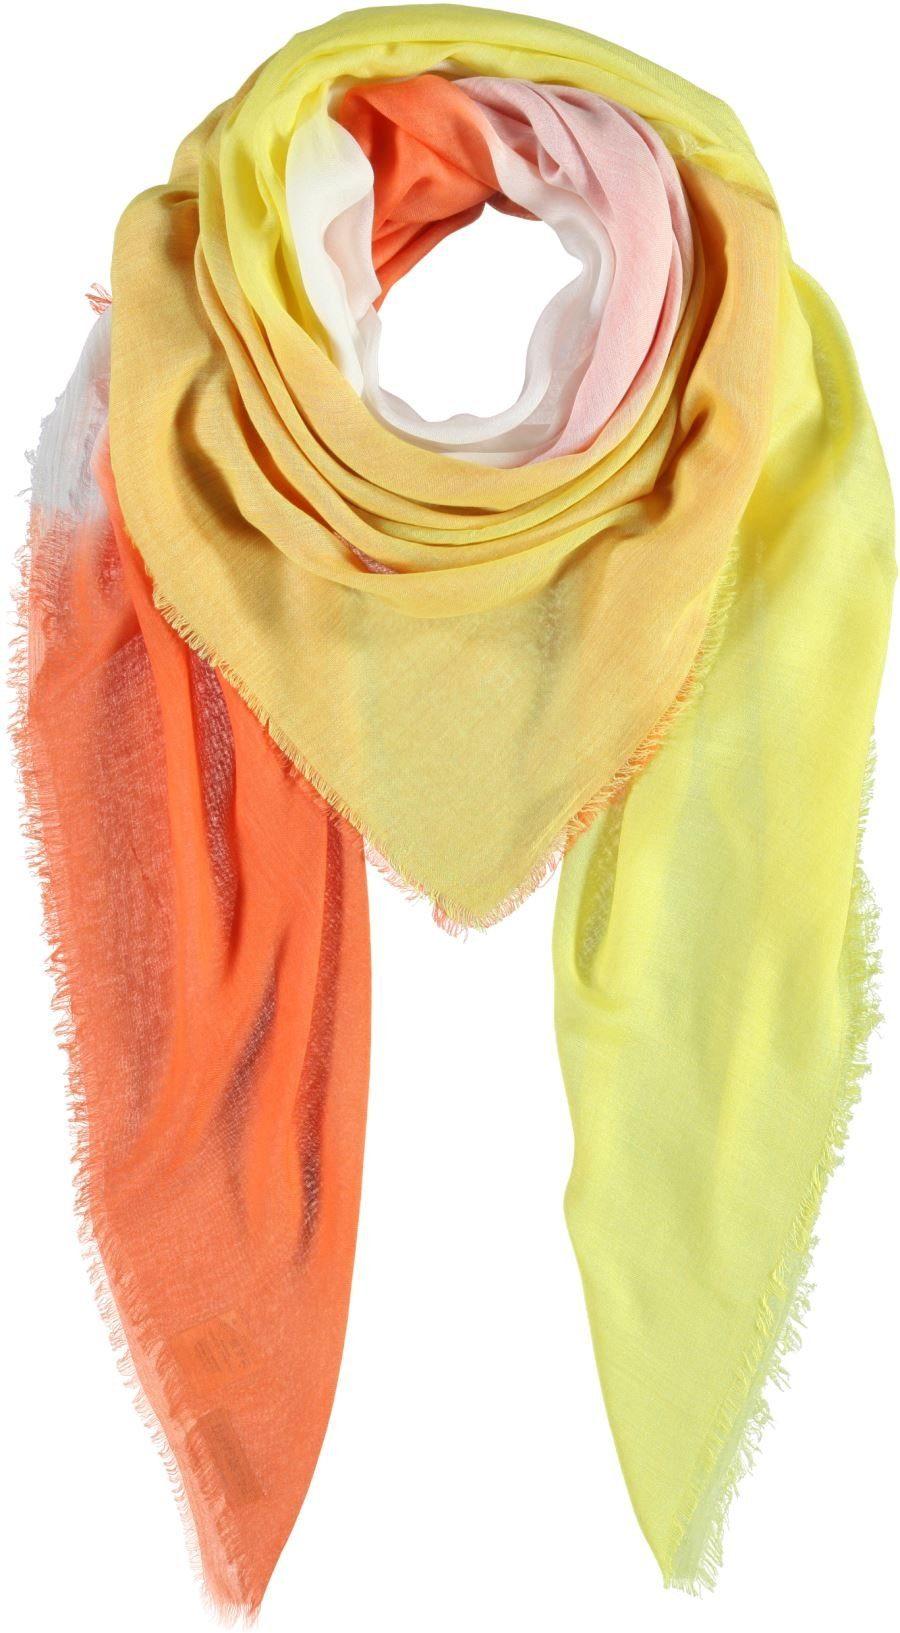 Passigatti Tuch in farbenfrohem Design